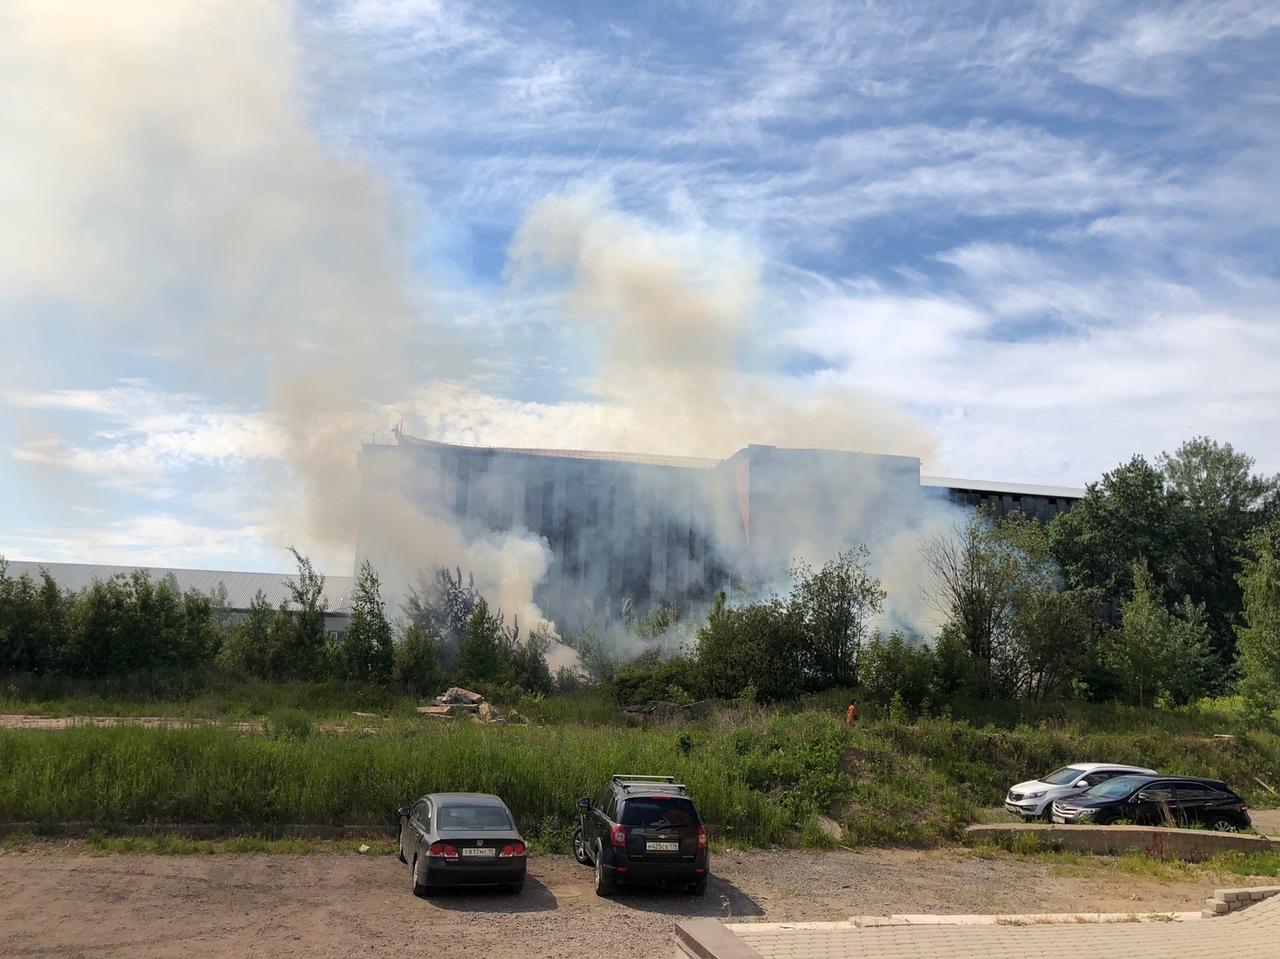 Час назад горели деревья и мусор рядом со сгоревшем складом на Ворошилова